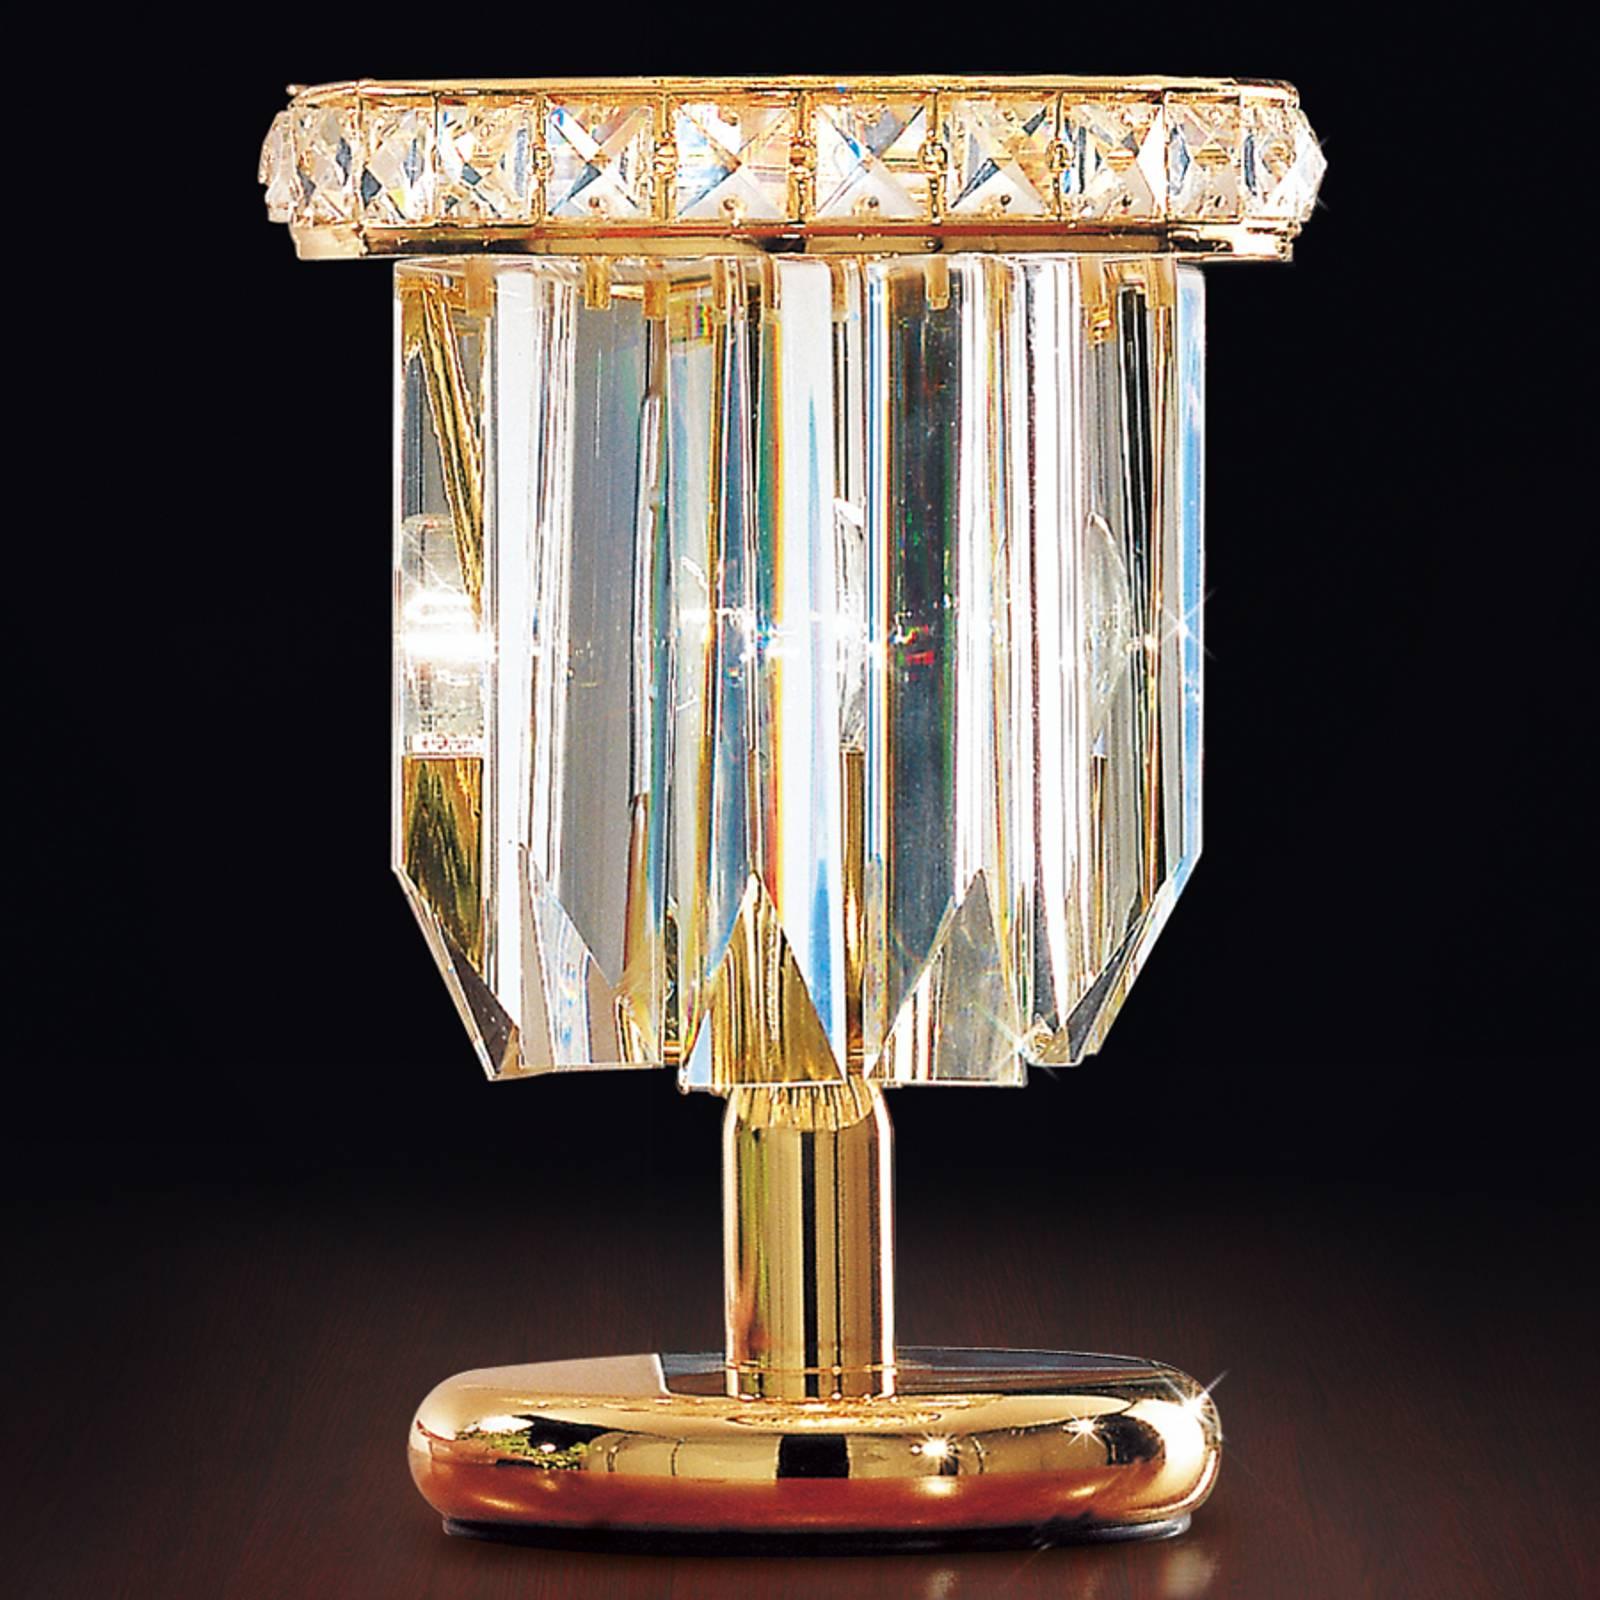 Tischleuchte Cristalli 24 Karat in Gold